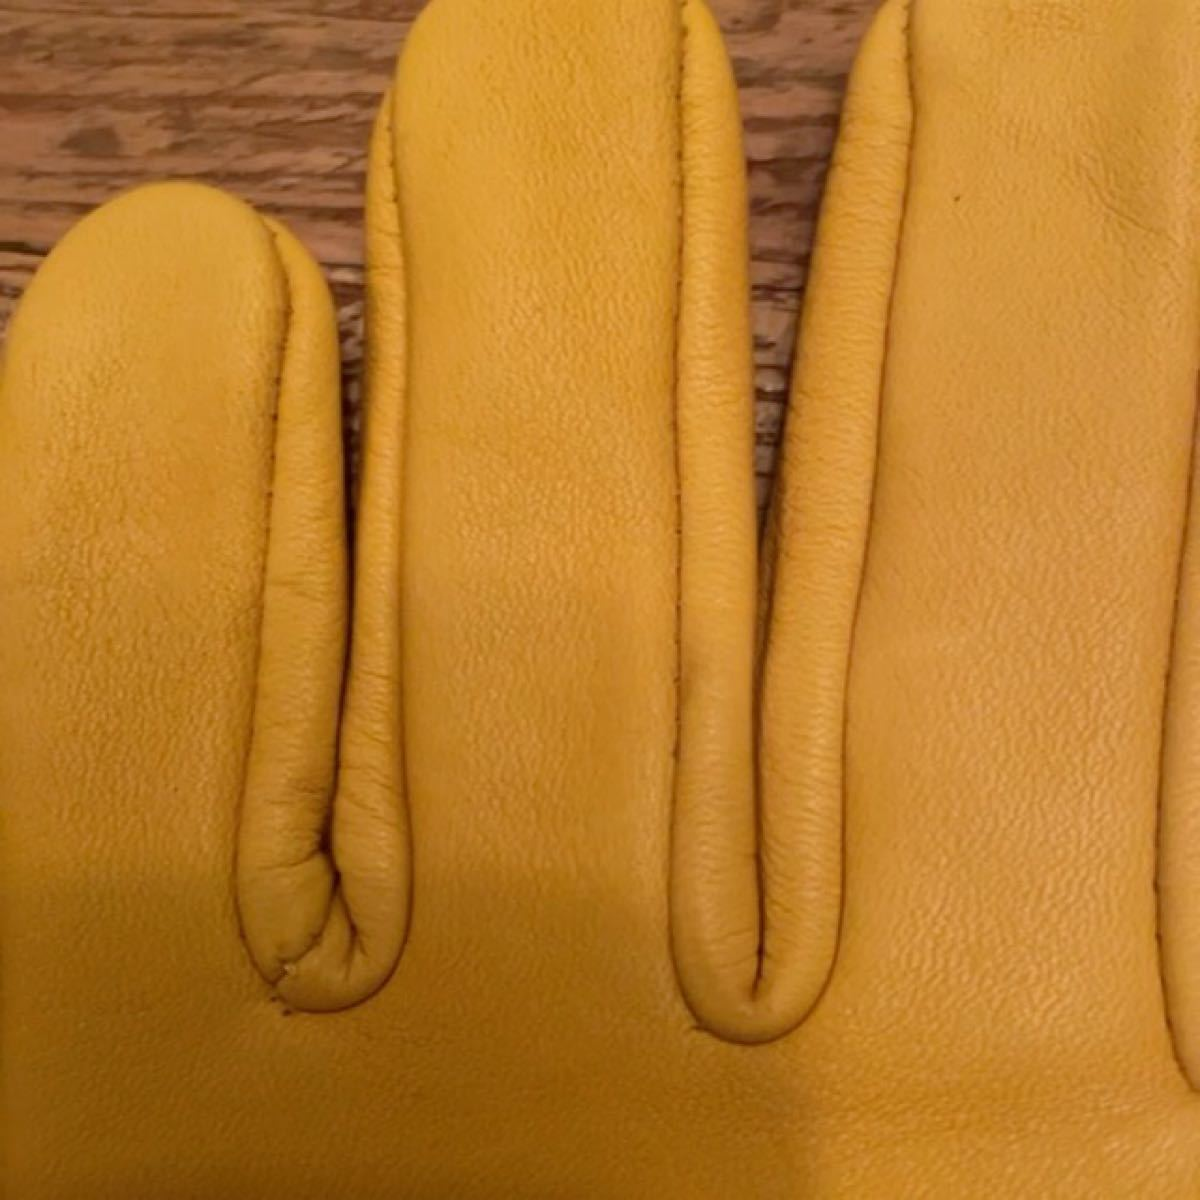 牛革 手袋 レザー グローブ キャンプ ツーリング サイズL 作業 グローブ アウトドア 防寒手袋 レザーグローブ ハーレー